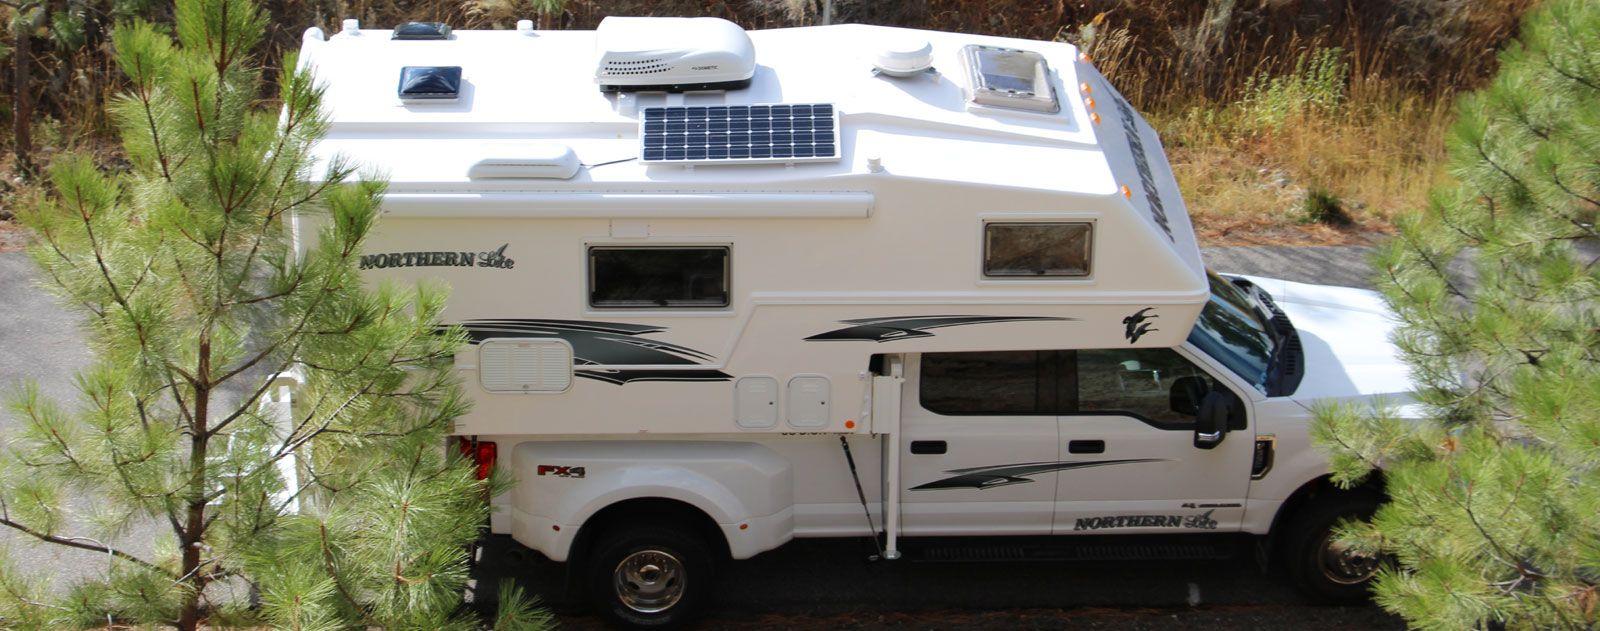 Northern Lite Truck Camper Sales Truck Camper Campers For